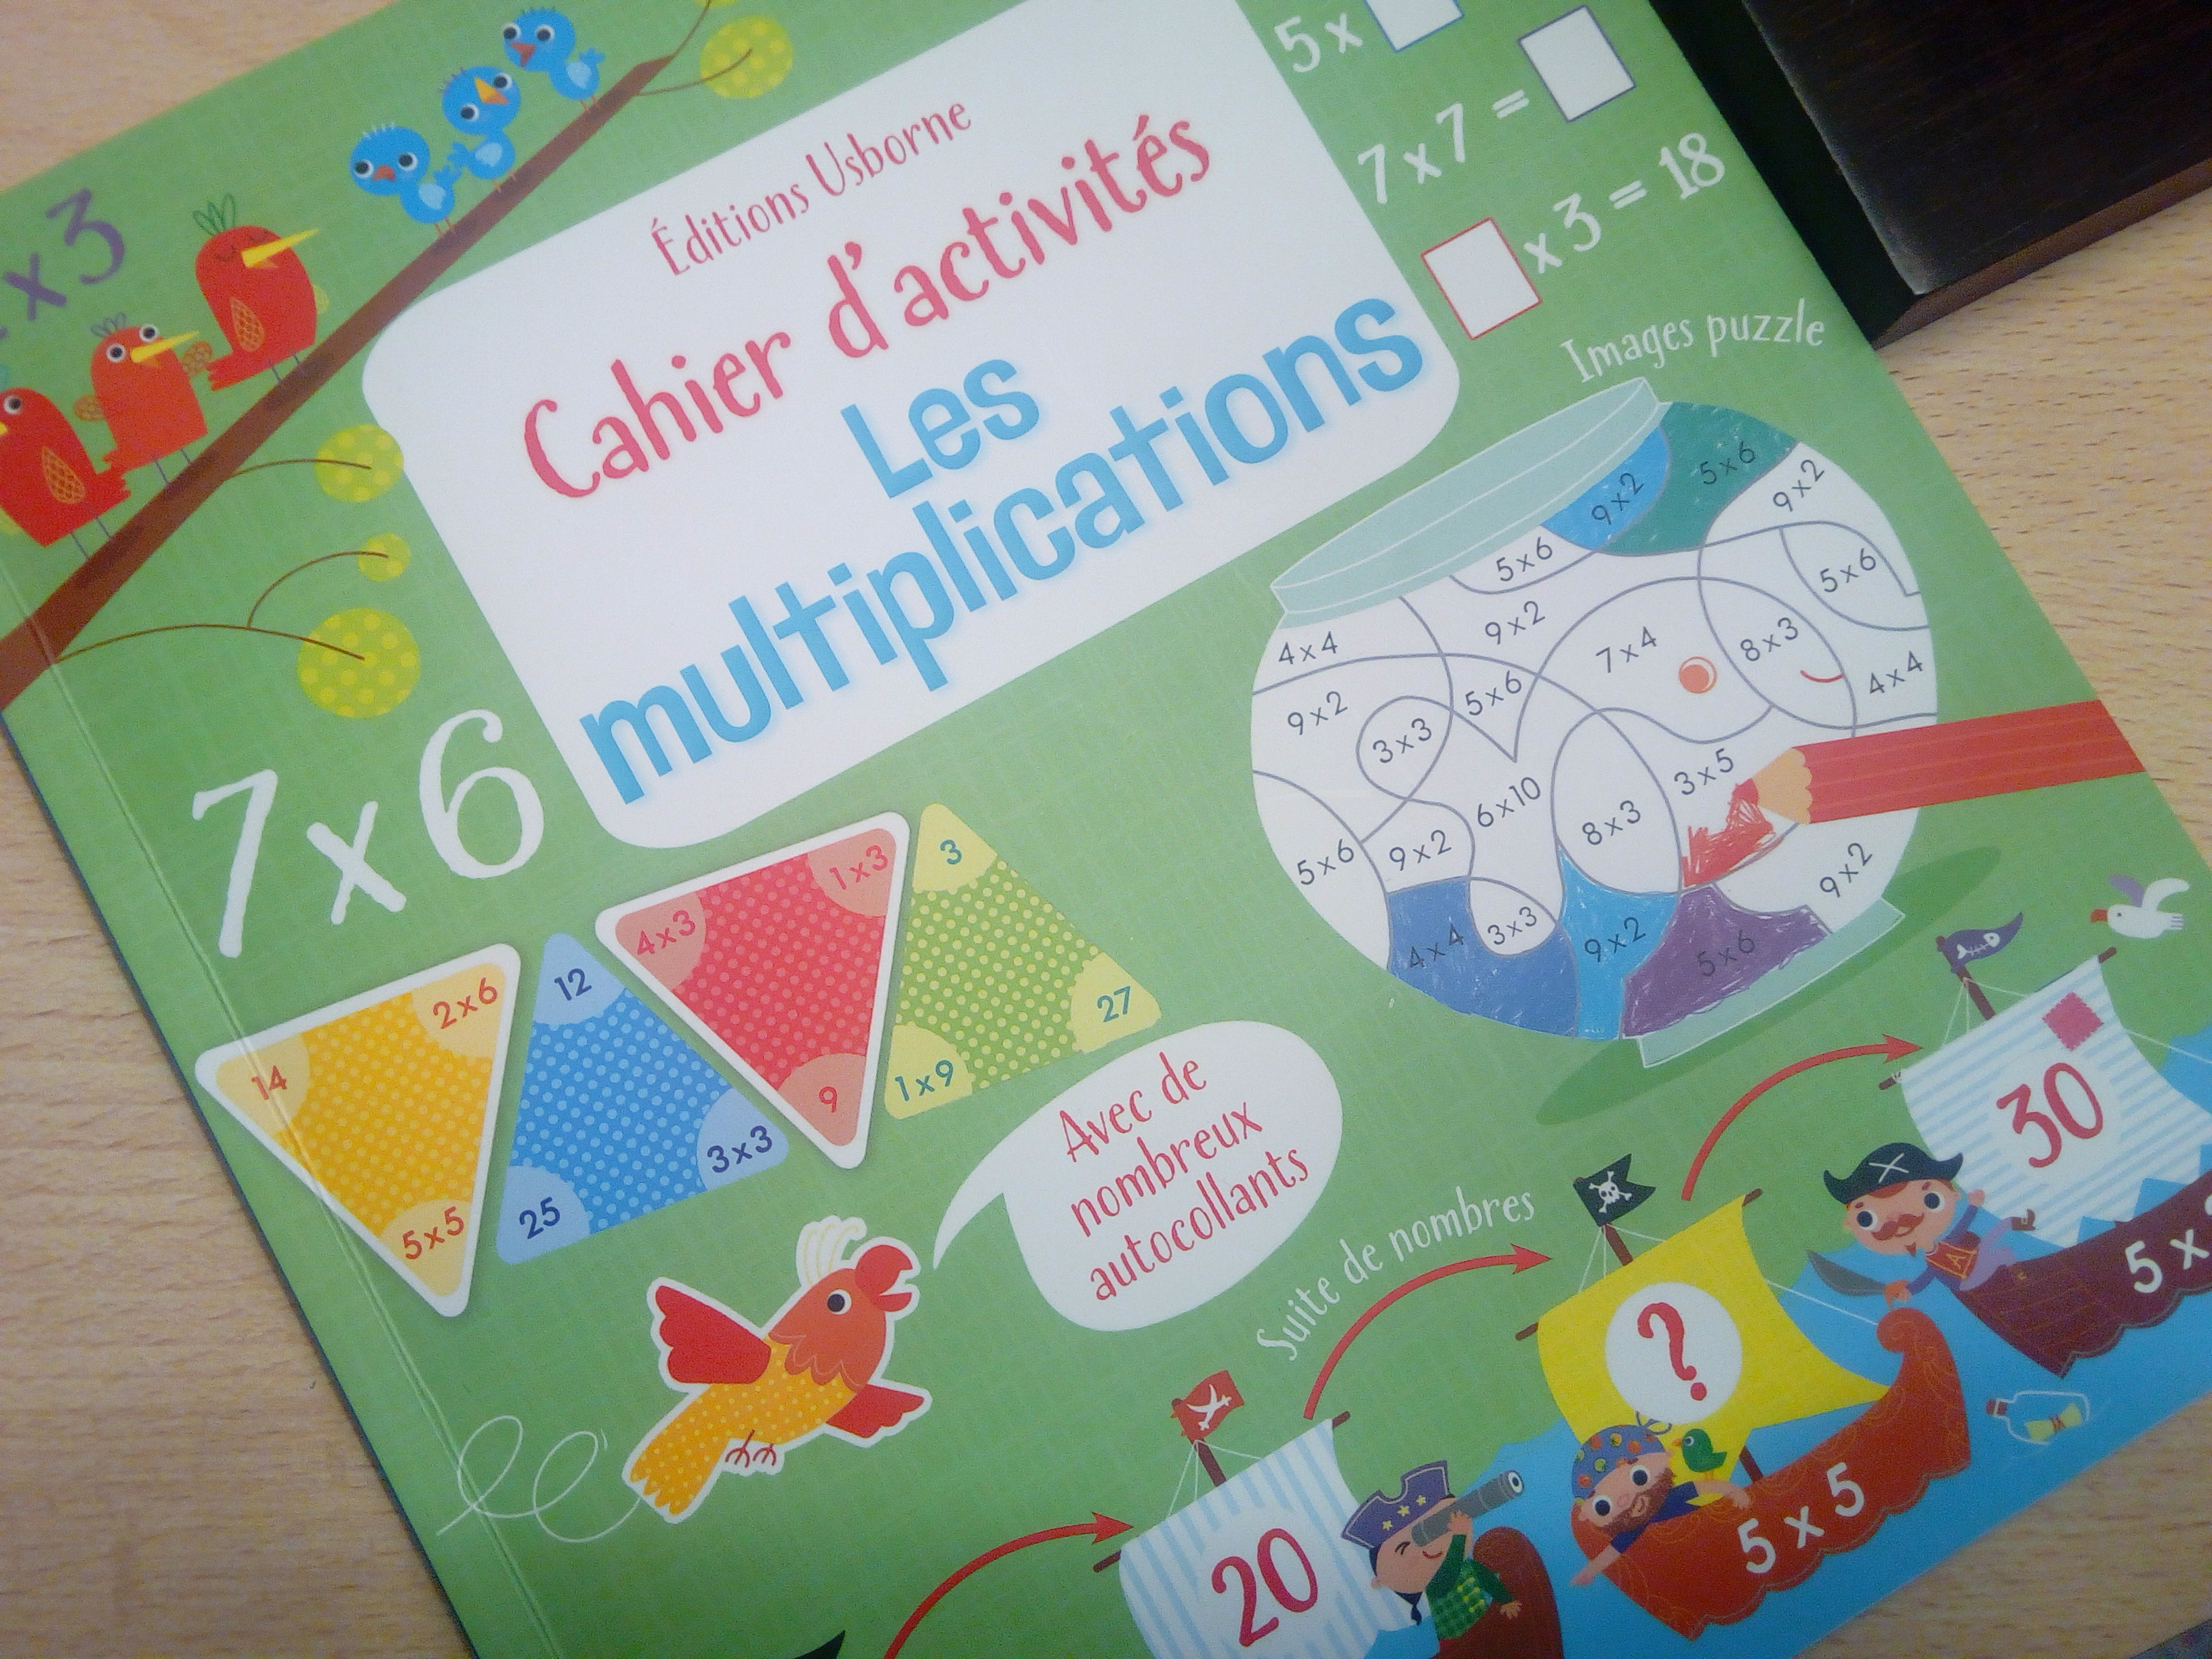 Cahier d 39 activit s les multiplications apprendre les - Tables de multiplication en s amusant ...